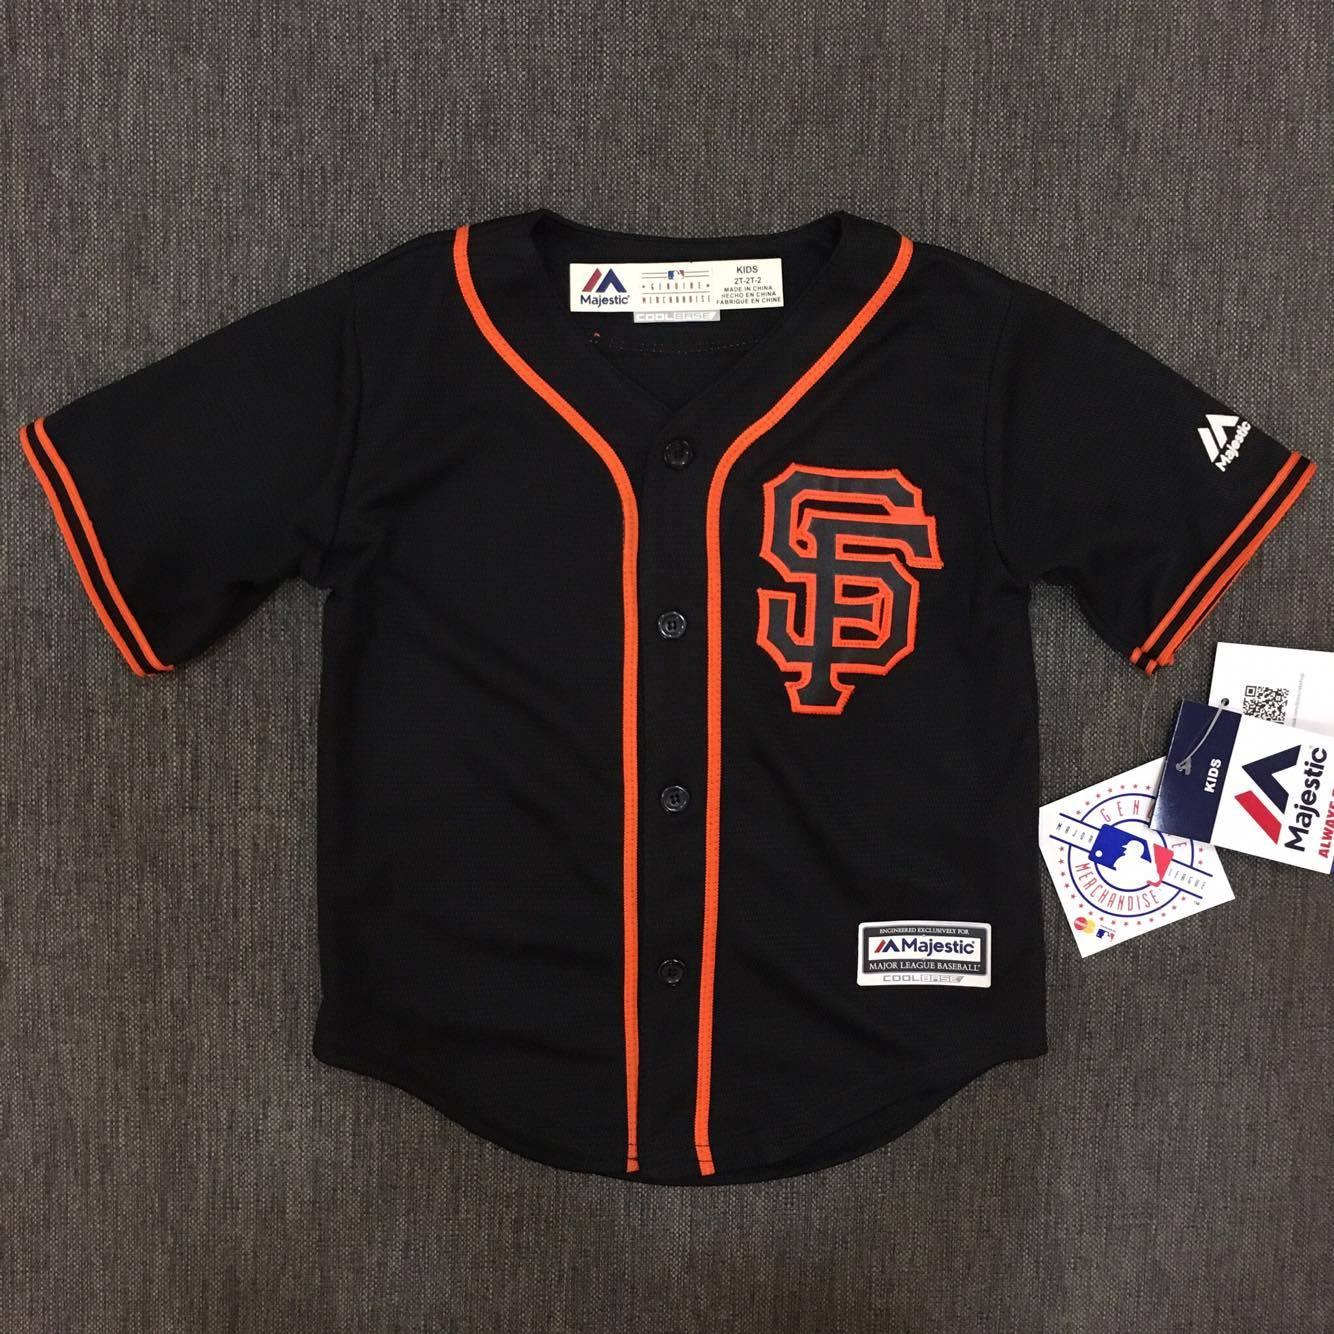 【蟹老闆】Majestic 孩童 棒球球衣 大聯盟 MLB 舊金山巨人 San Francisco Giants 2T~4T